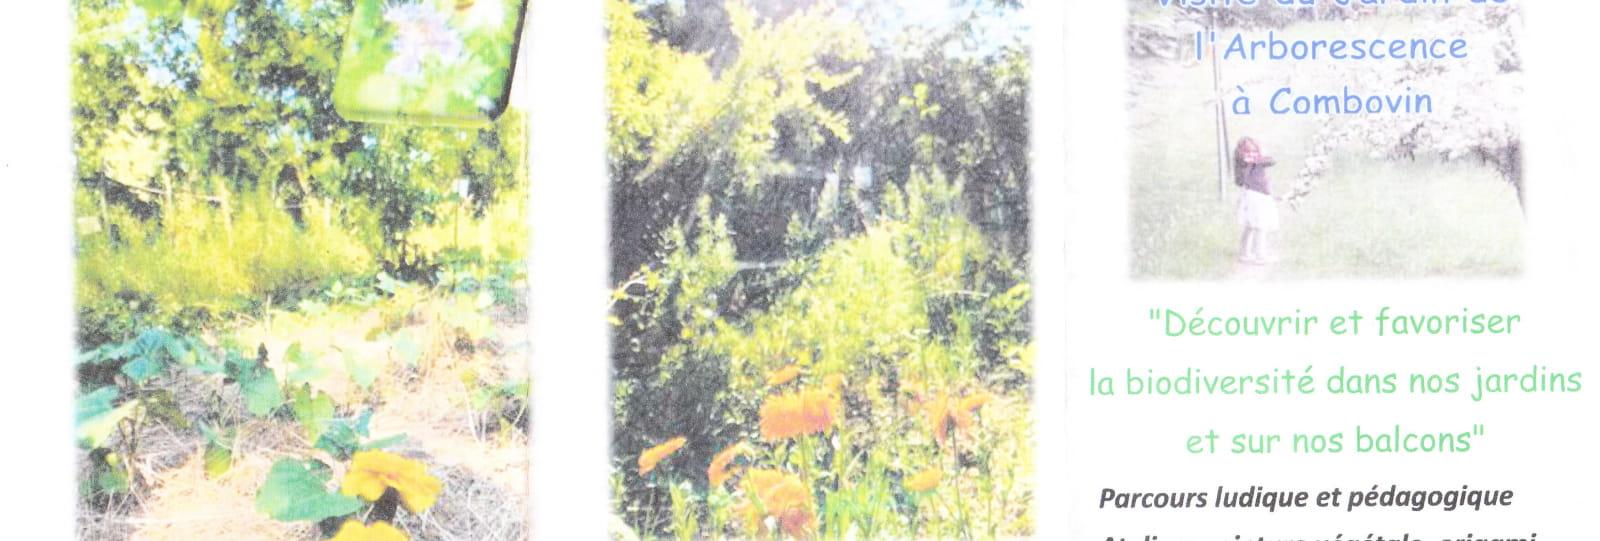 Jardin de l'Arborescence